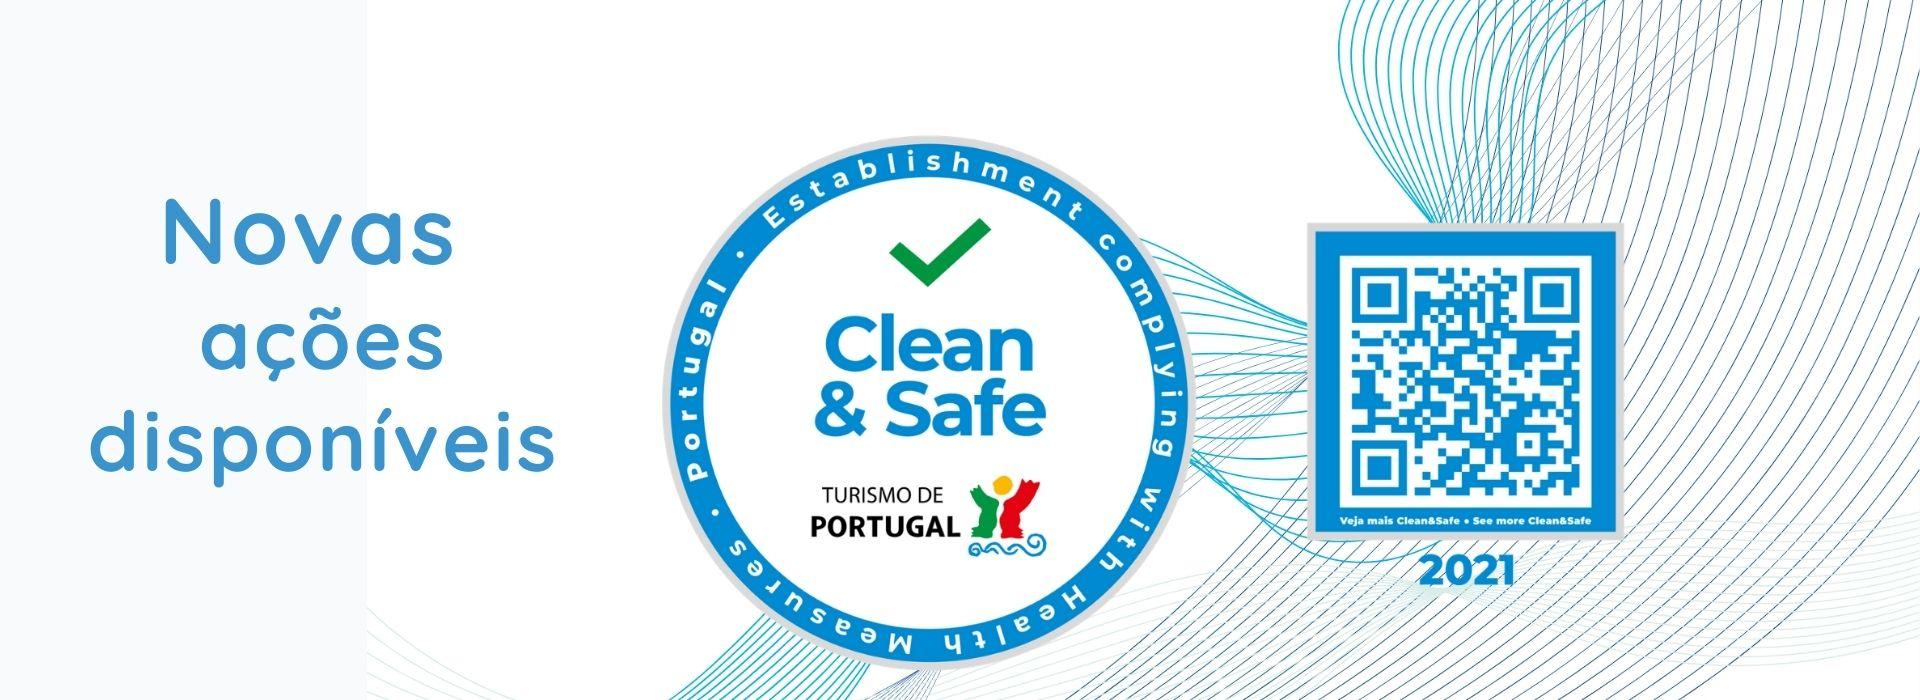 Clean and Safe - Novas ações